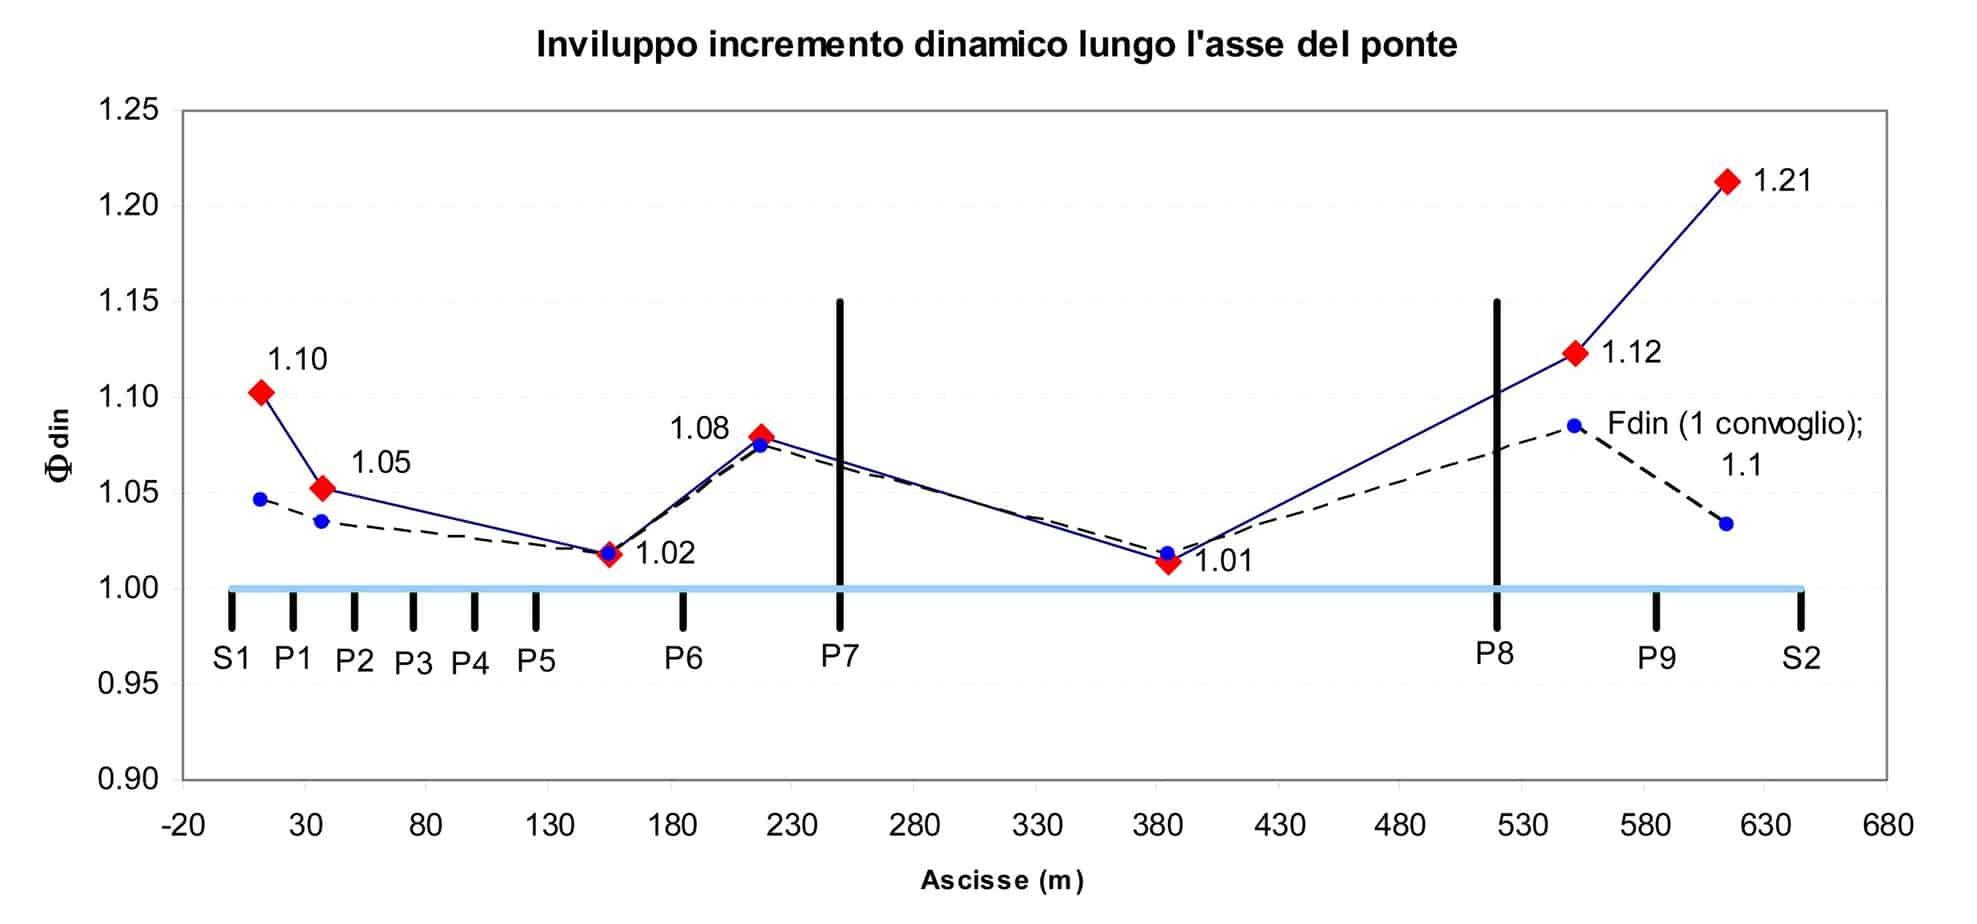 Il coefficiente di amplificazione dinamica lungo l'asse del ponte